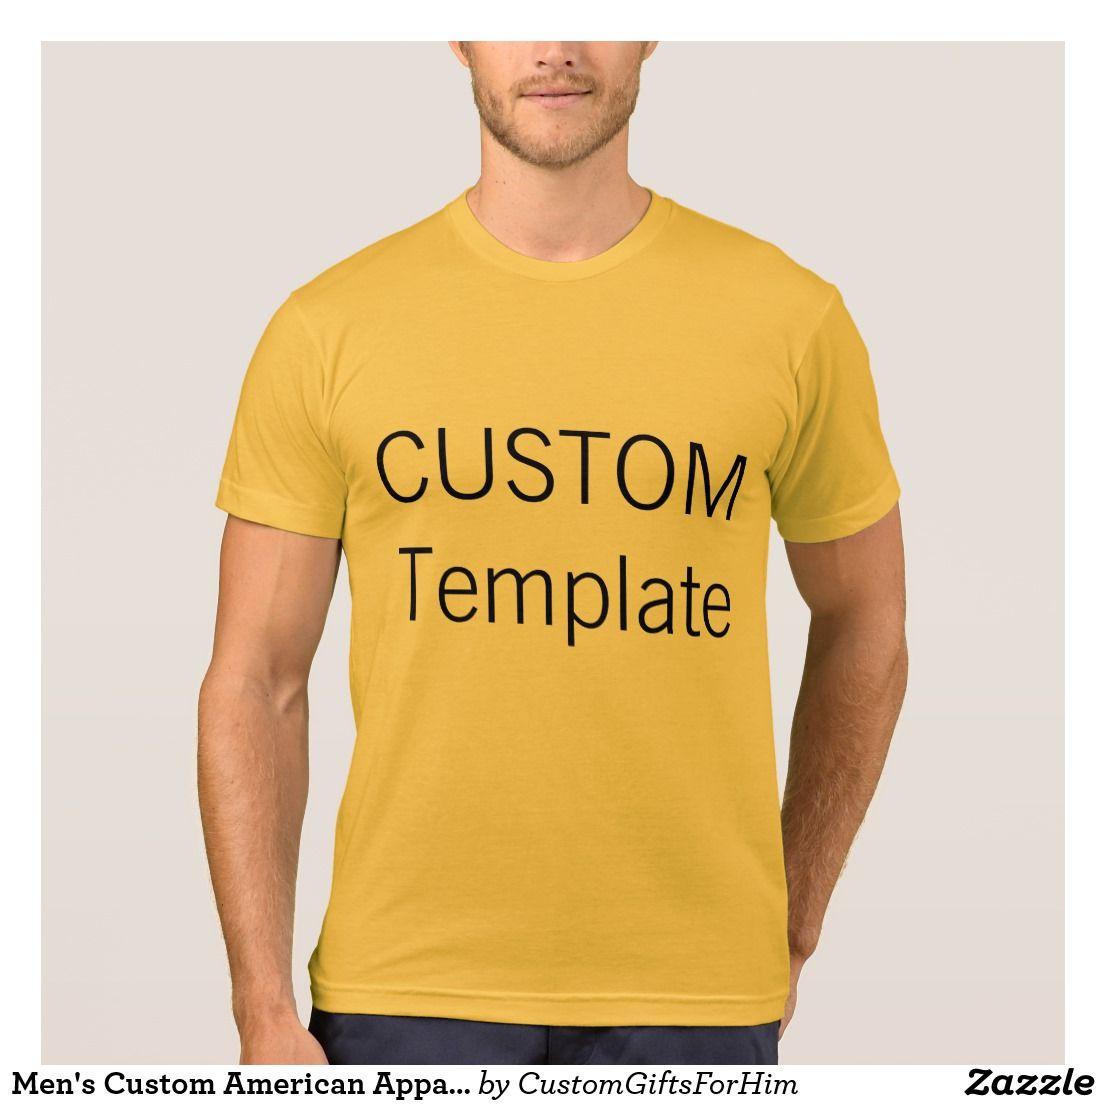 d344f0a56 Men's Custom American Apparel T-Shirt HEATHER GOLD   Zazzle.com ...